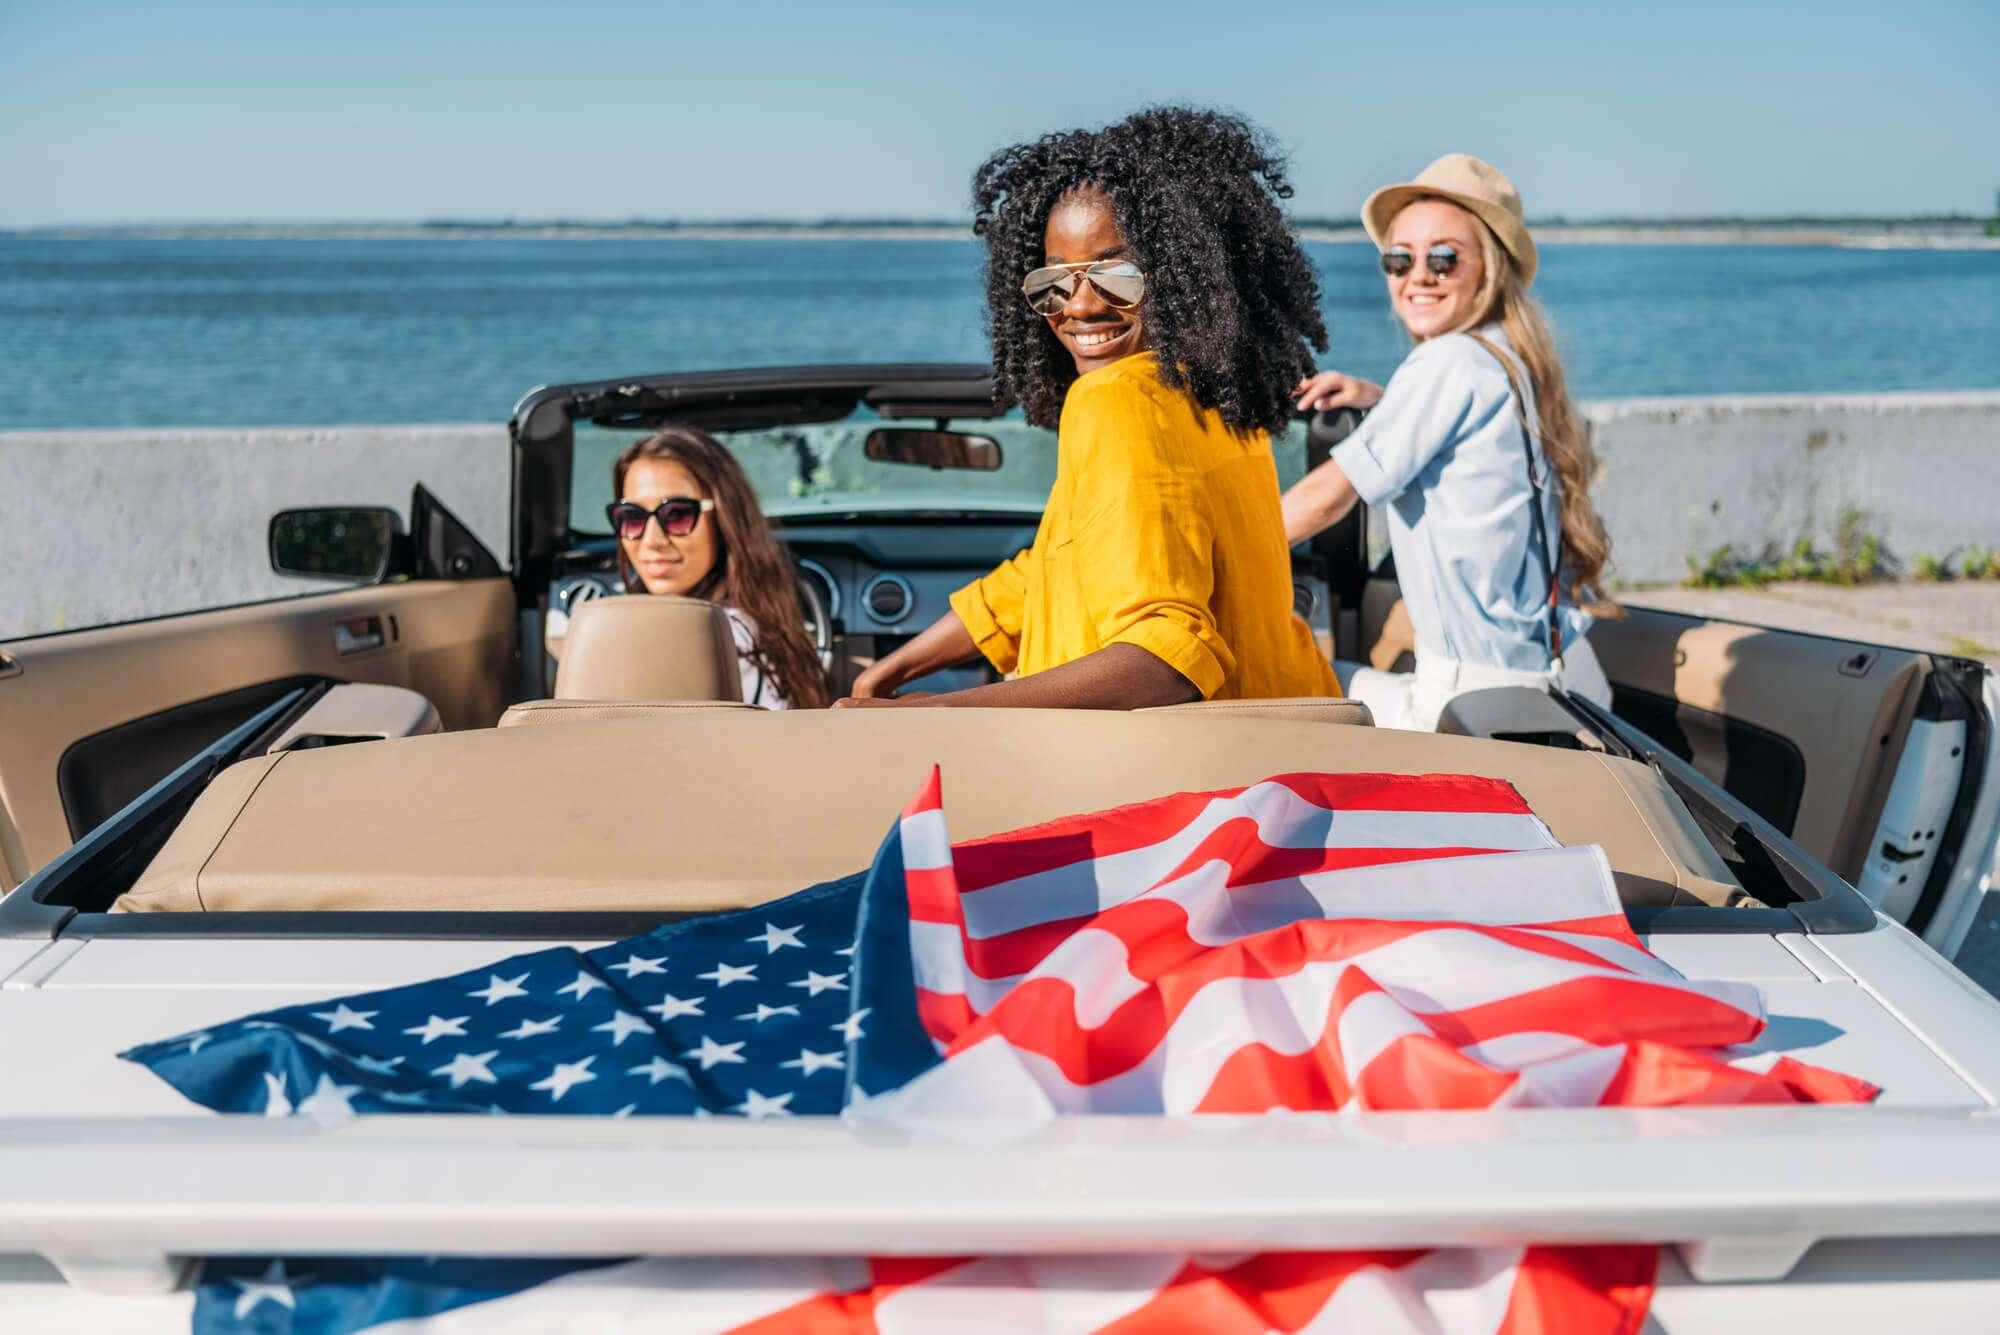 Posso dirigir nos EUA com habilitação brasileira? Descubra agora!